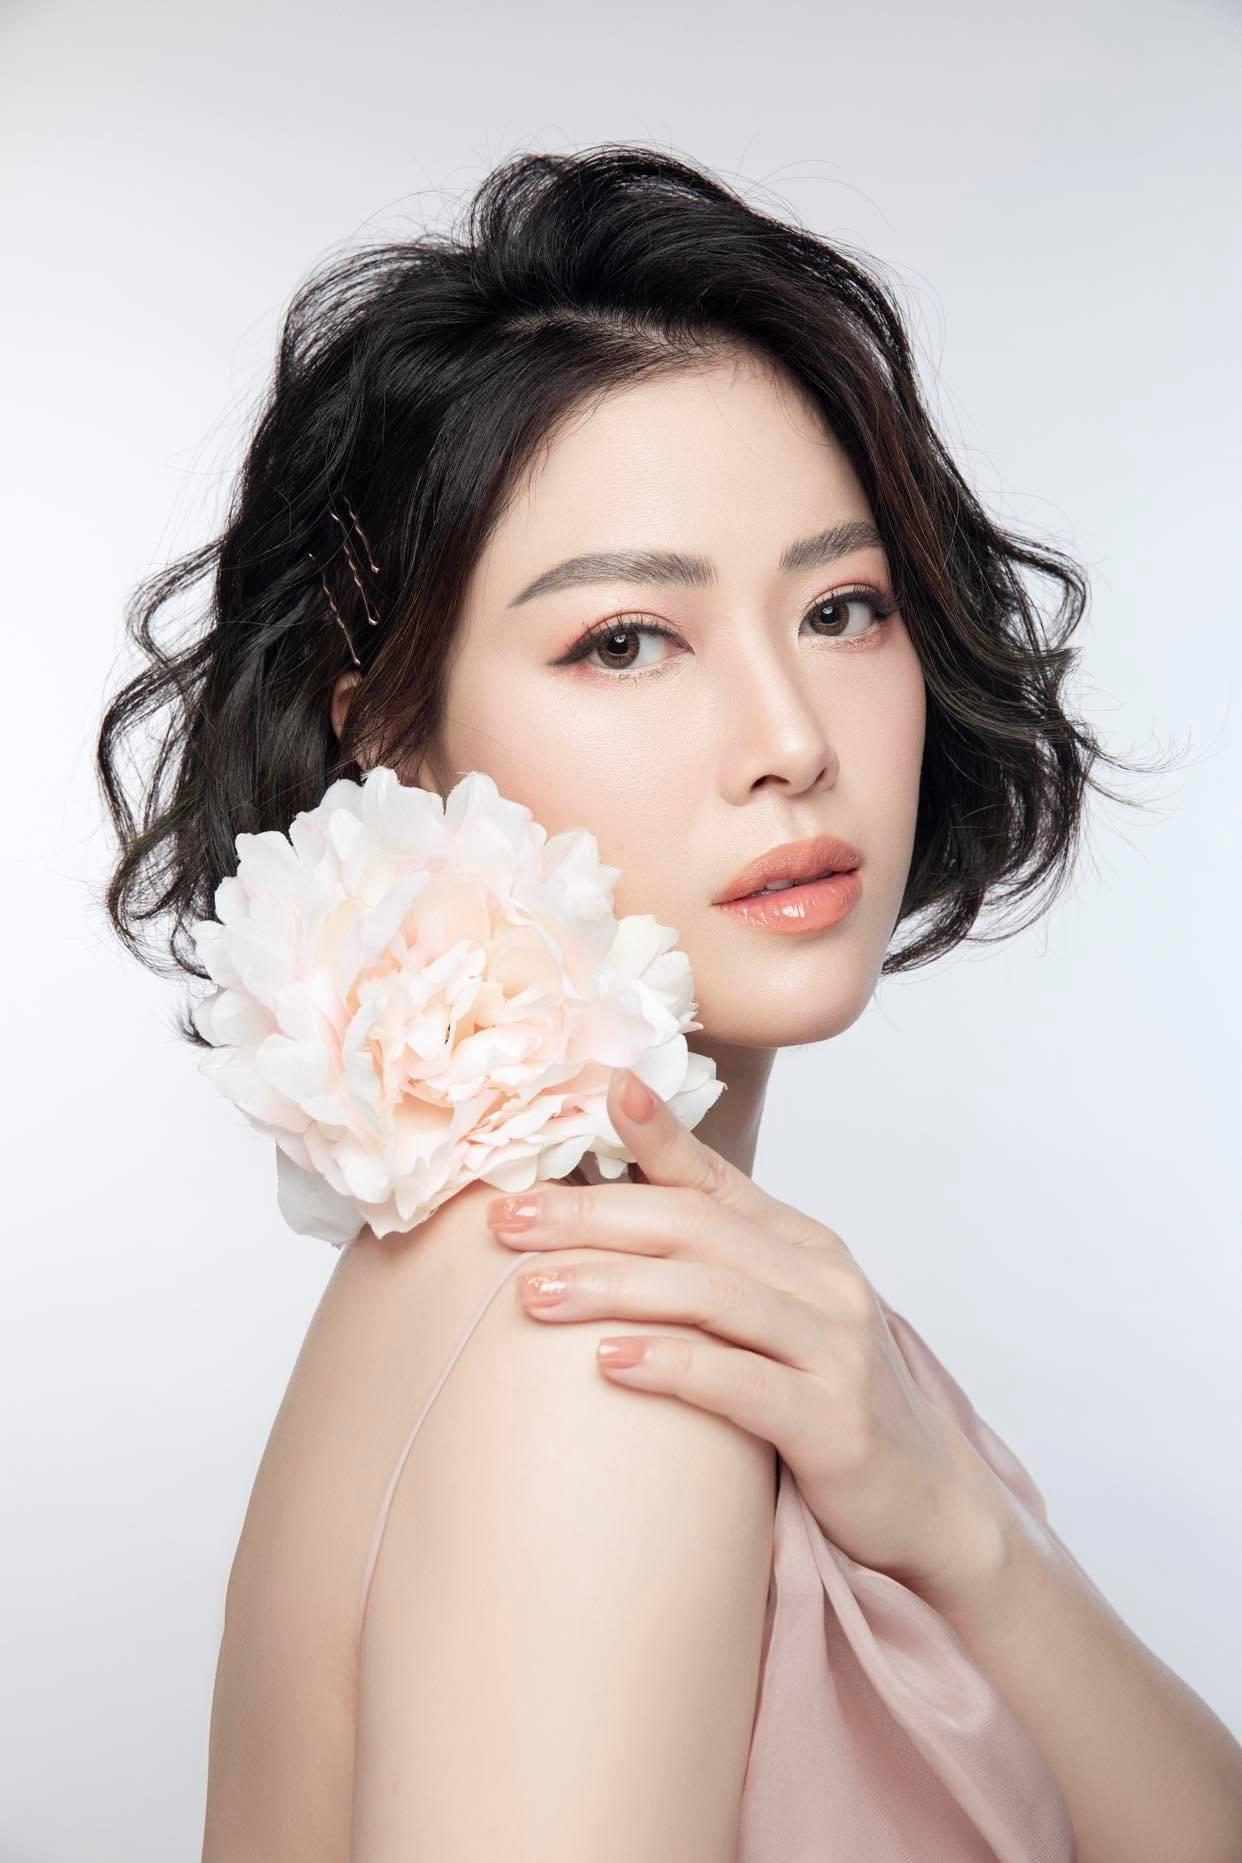 CEO Ngô Thùy Dương – hình mẫu người phụ nữ hiện đại bản lĩnh và thành công - Ảnh 3